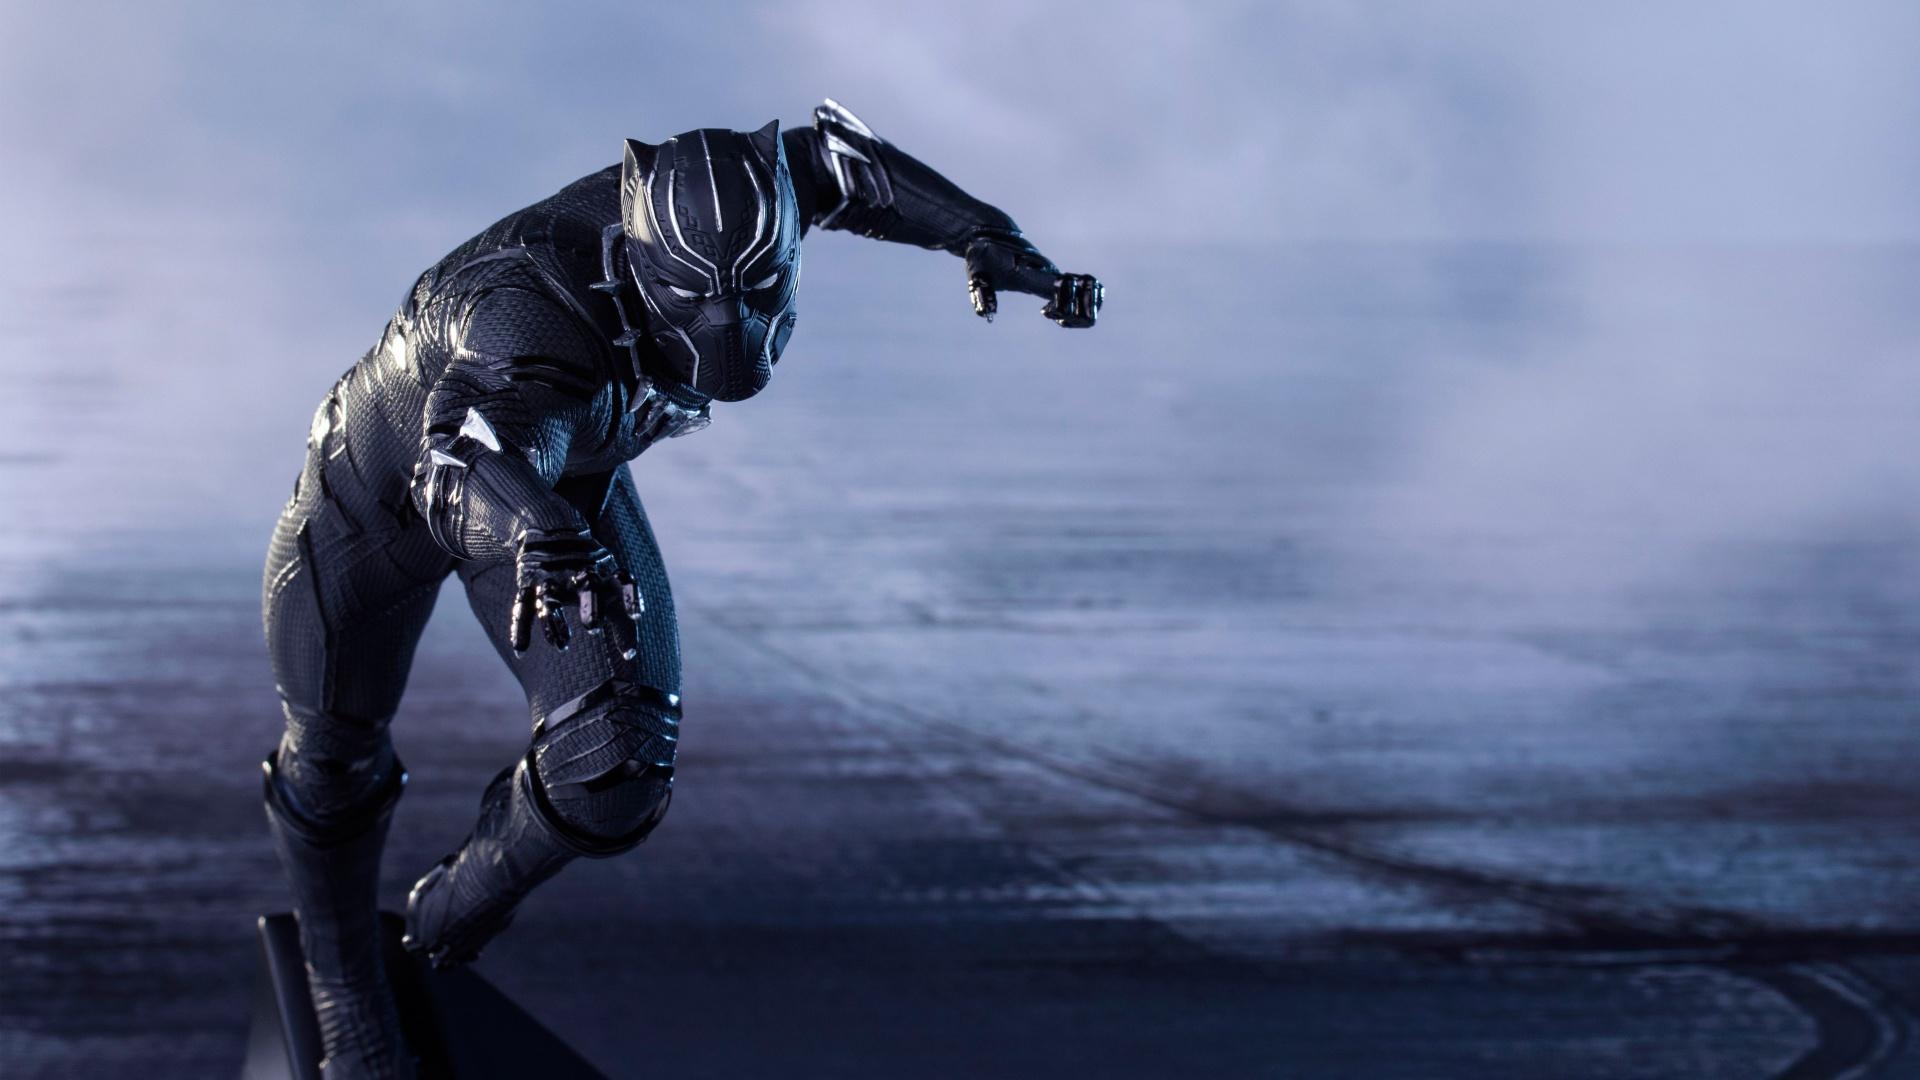 Captain America Civil War Black Panther 4k Wallpapers In Jpg Format